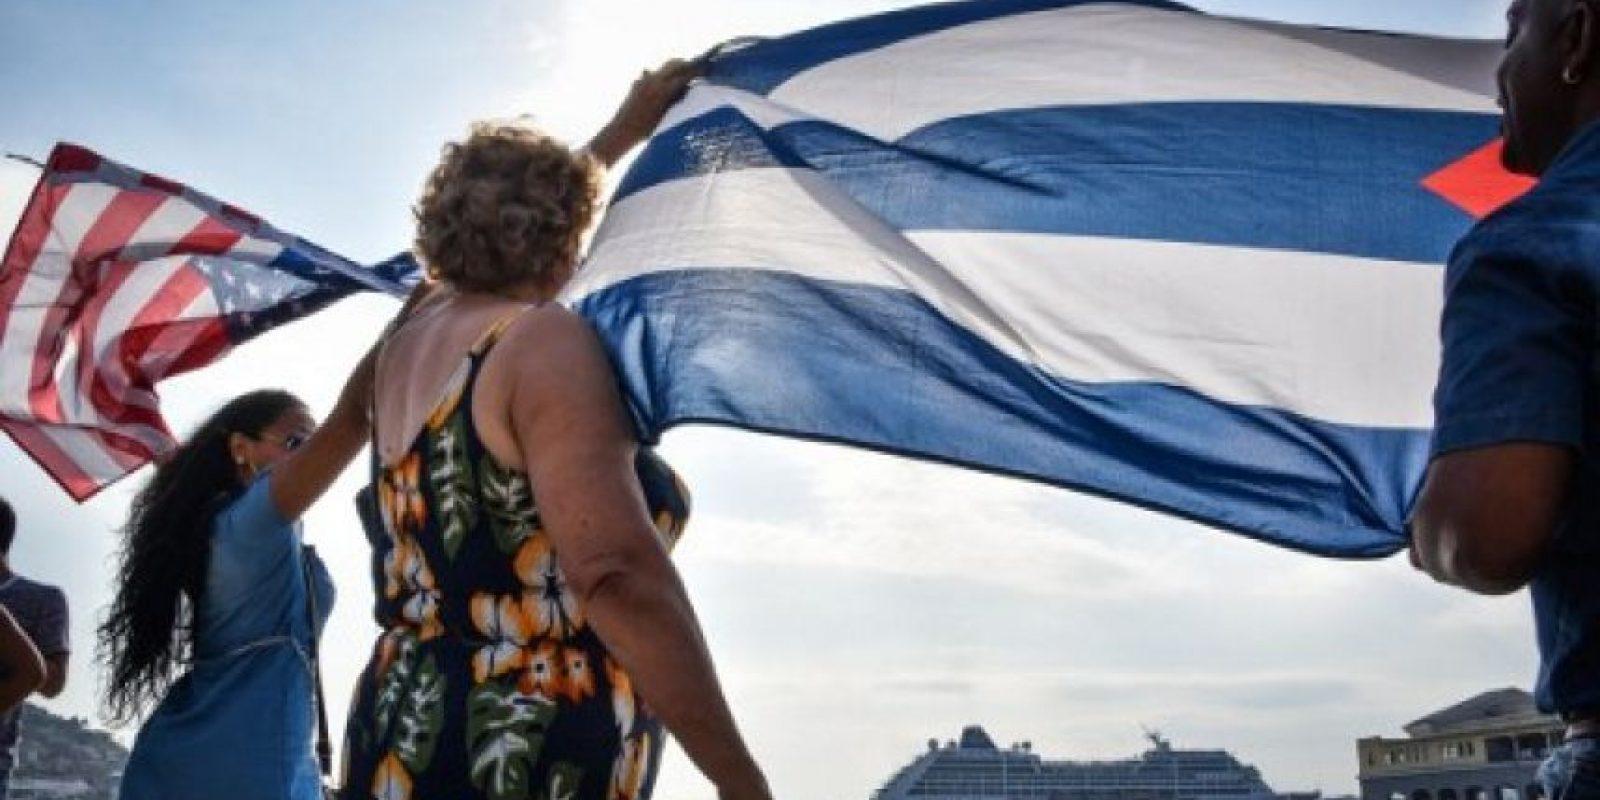 Algunos portaban banderas cubanas e incluso estadounidenses. Foto:AFP